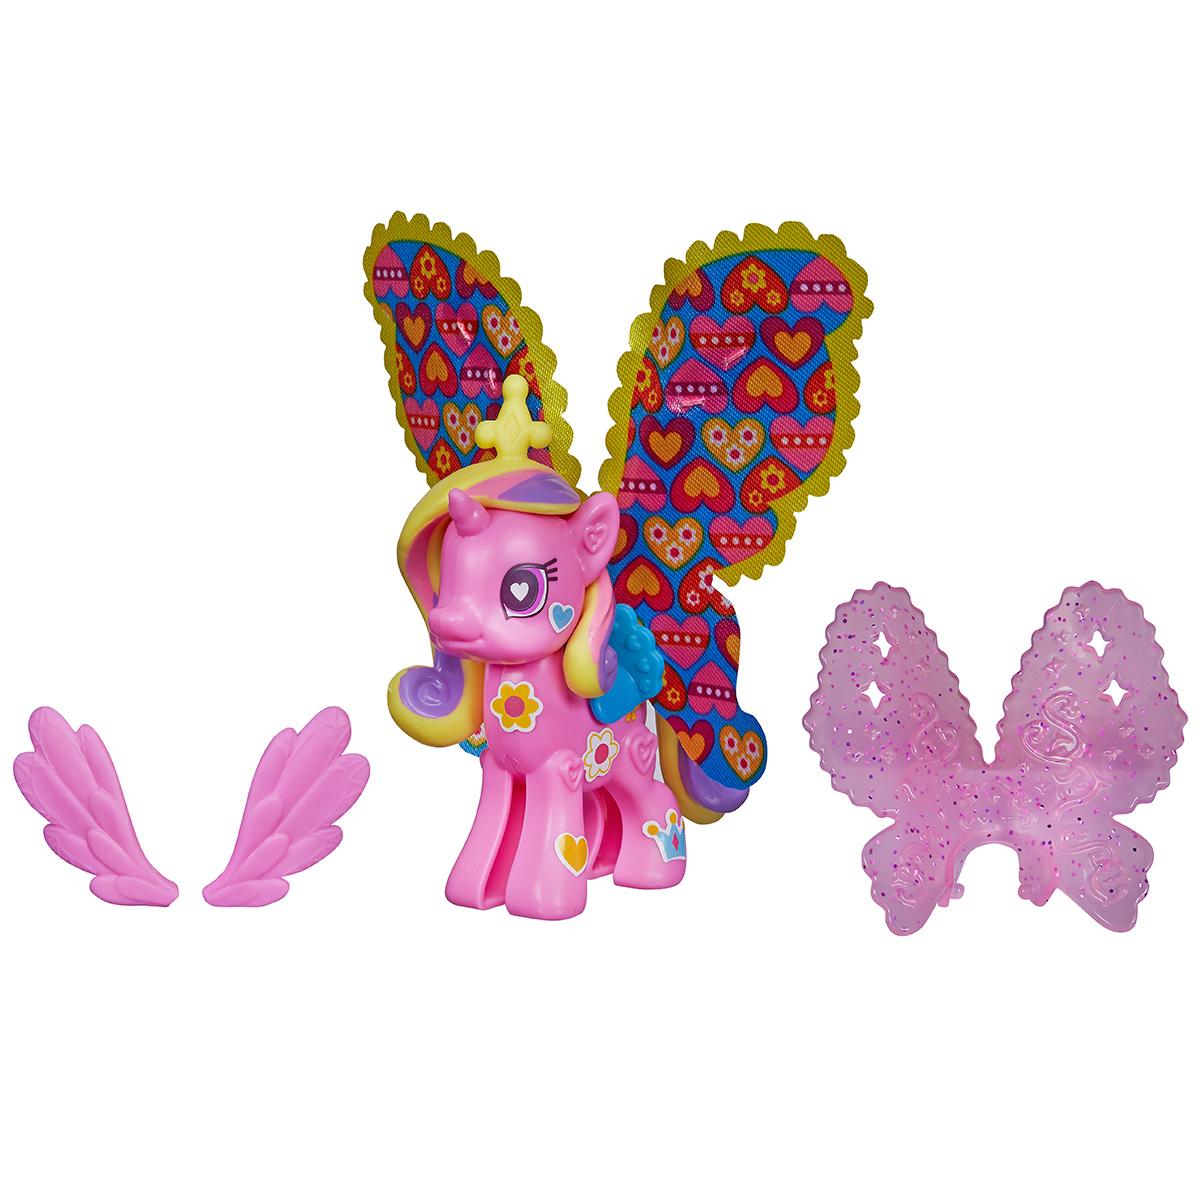 Игровой набор My Little Pony Пони с крыльями, цвет: розовыйB3590EU4С помощью игрового набора My Little Pony Пони с крыльями вы соберете любимую лошадку пони Твайлайт Спаркл с шикарными крыльями своими руками, создав ей неповторимый стиль! В наборе находится все необходимое: каркас лошадки, половинки которого необходимо соединить между собой, грива, хвостик, несколько видов крыльев - от маленьких до огромных, а еще красочные наклейки, которыми можно украшать крылышки или туловище лошадки. На получившуюся фигурку пони нужно поочередно прикрепить детали набора, а затем украсить получившуюся лошадку разноцветными блестящими наклейками, эффектно дополняющими образ. Фигурки, детали и даже аксессуары из других наборов серии Создай свою пони My Little Pony совместимы между собой. Собрав всю серию конструкторов можно комбинировать прически, крылья, аксессуары и наклейки разных лошадок, создавая по-настоящему уникальные игрушки!